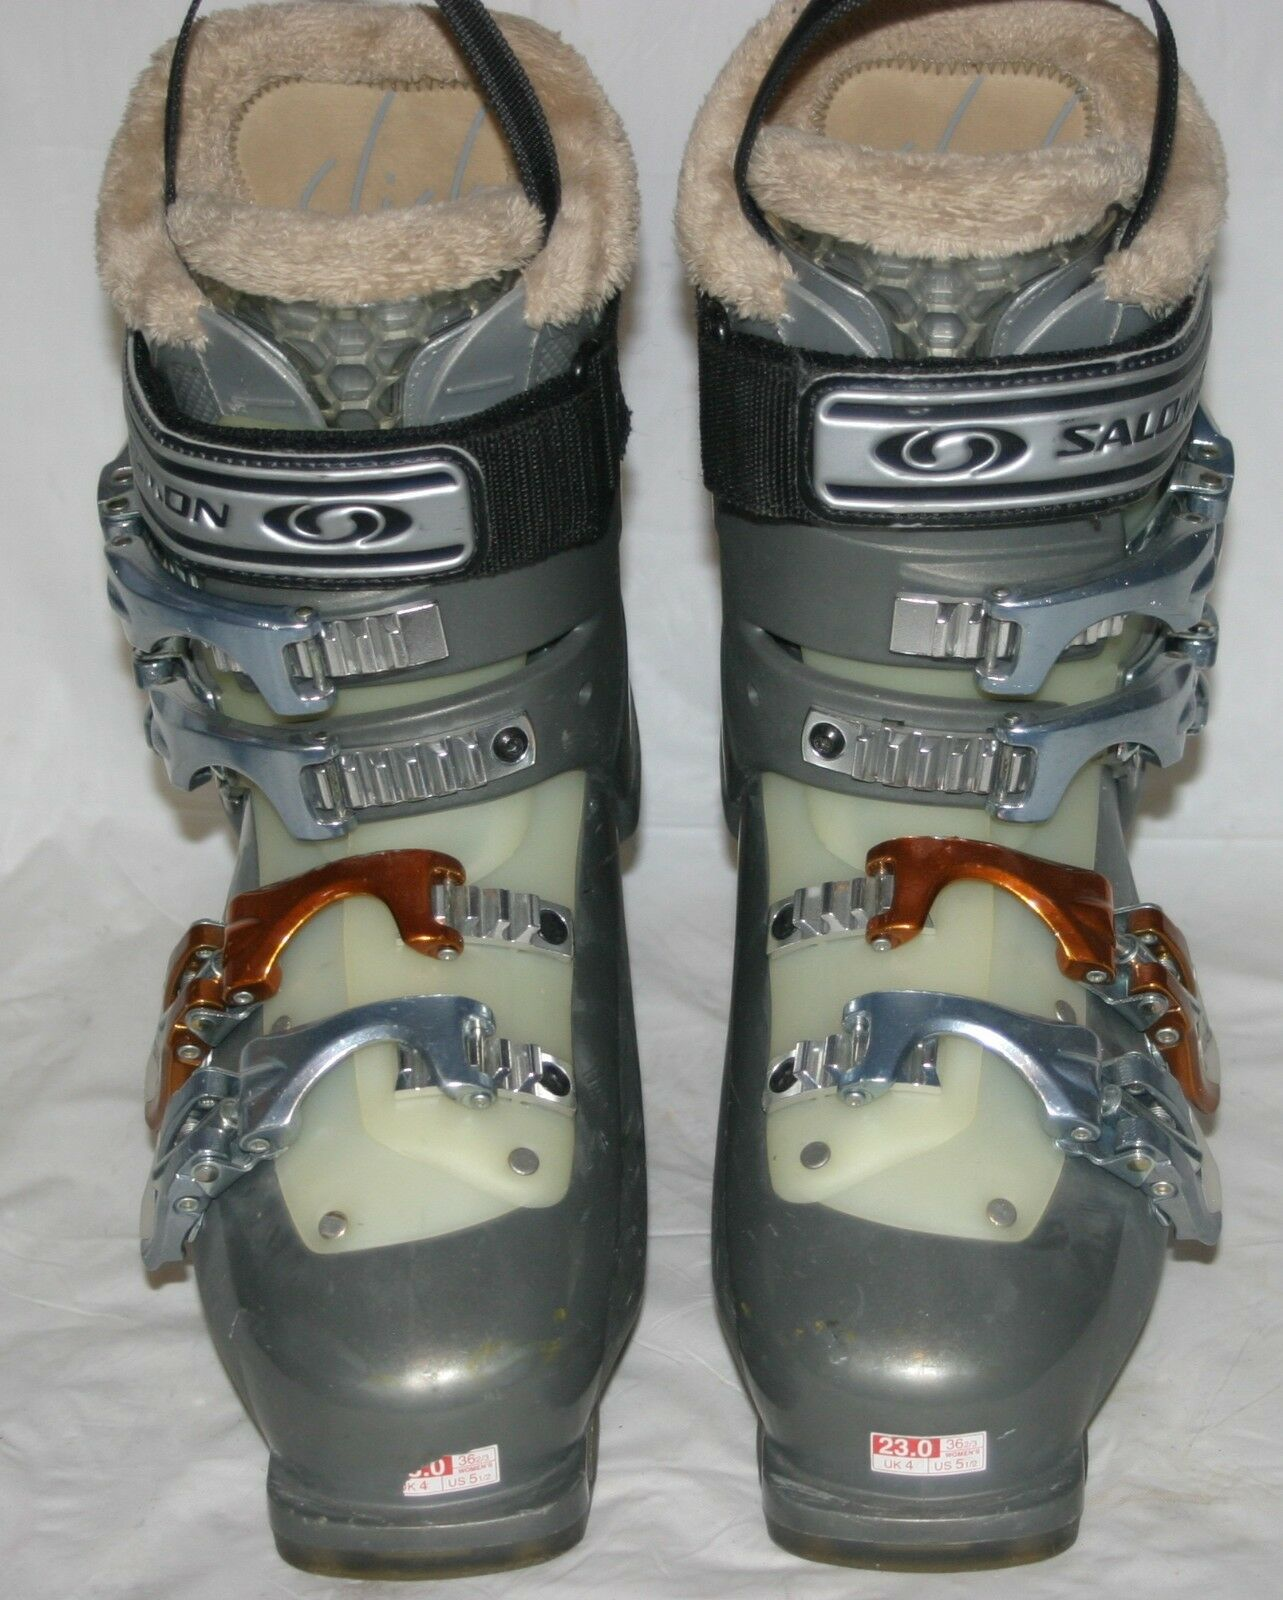 Salomon Performa 8 Alpine Downhill Ski Boots w Superfeet 23.0 (5 12 US Women)